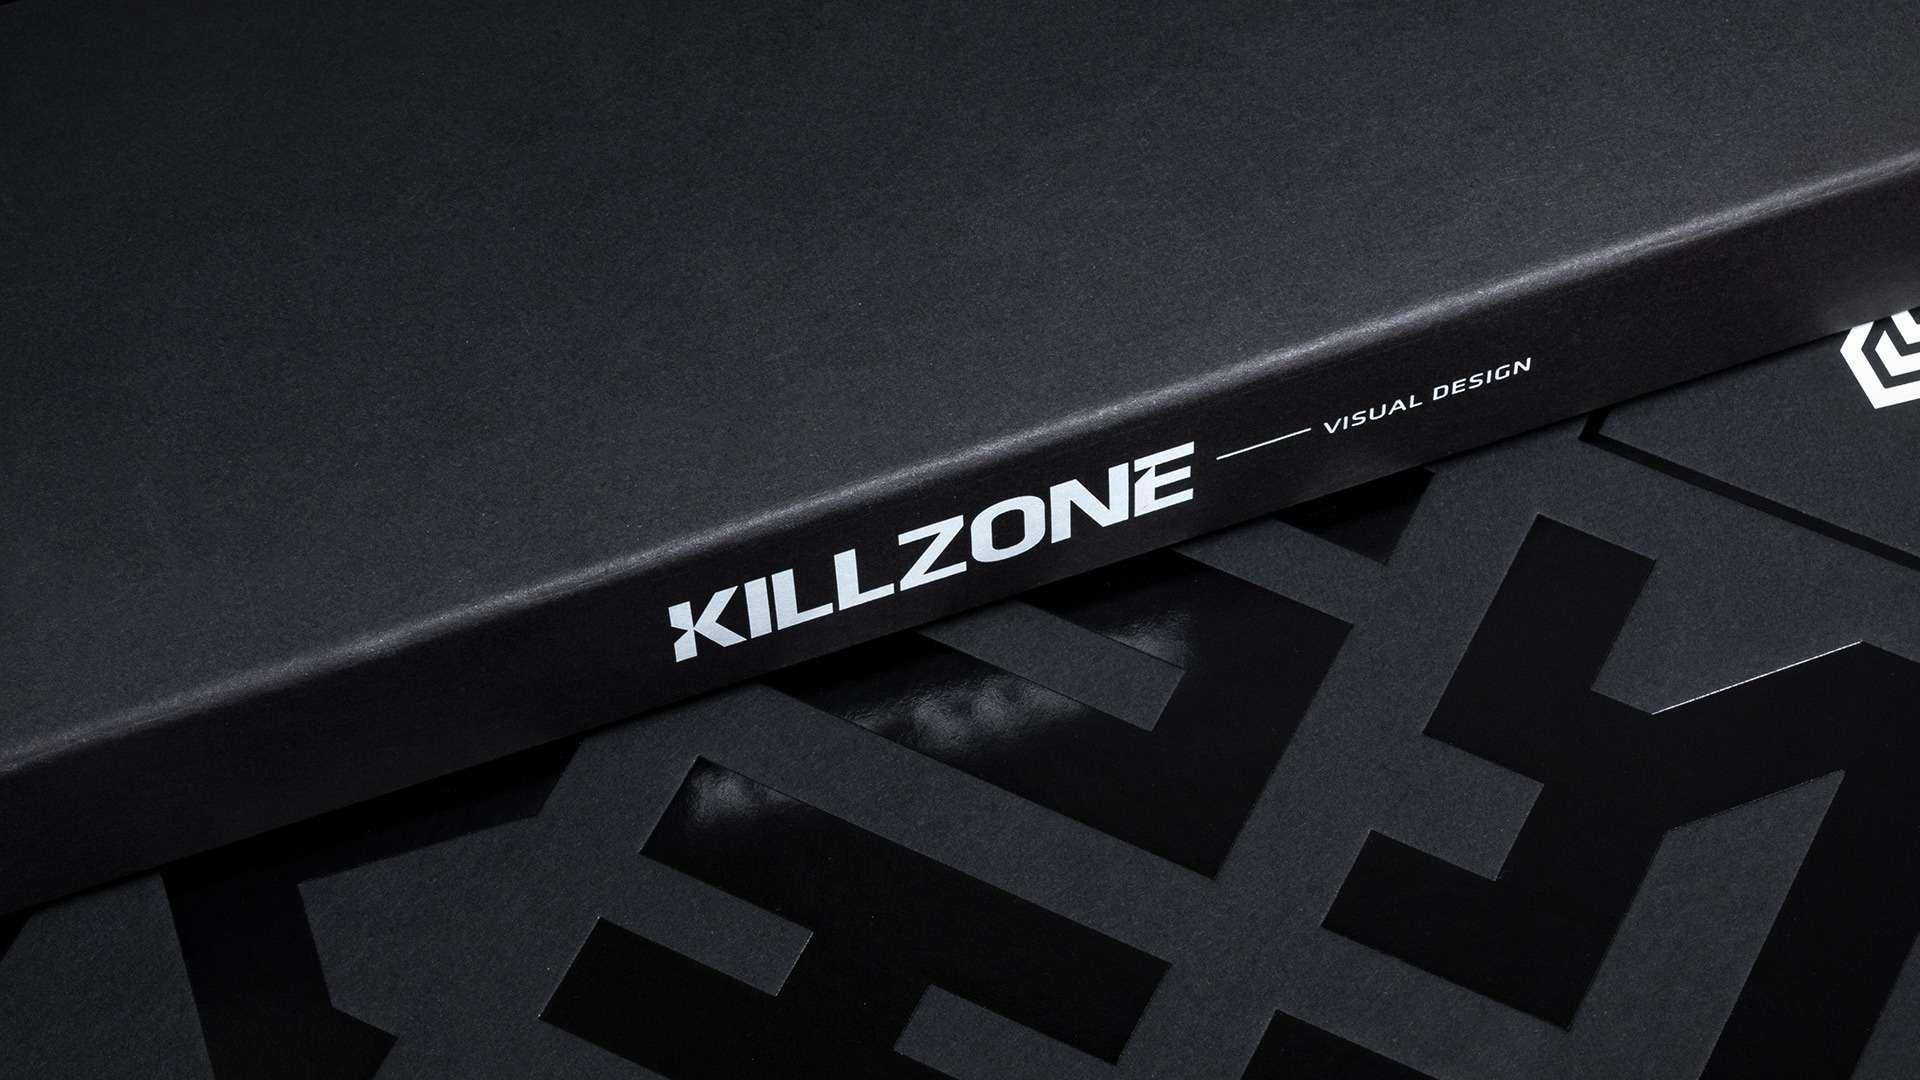 3 Killzone Thumb